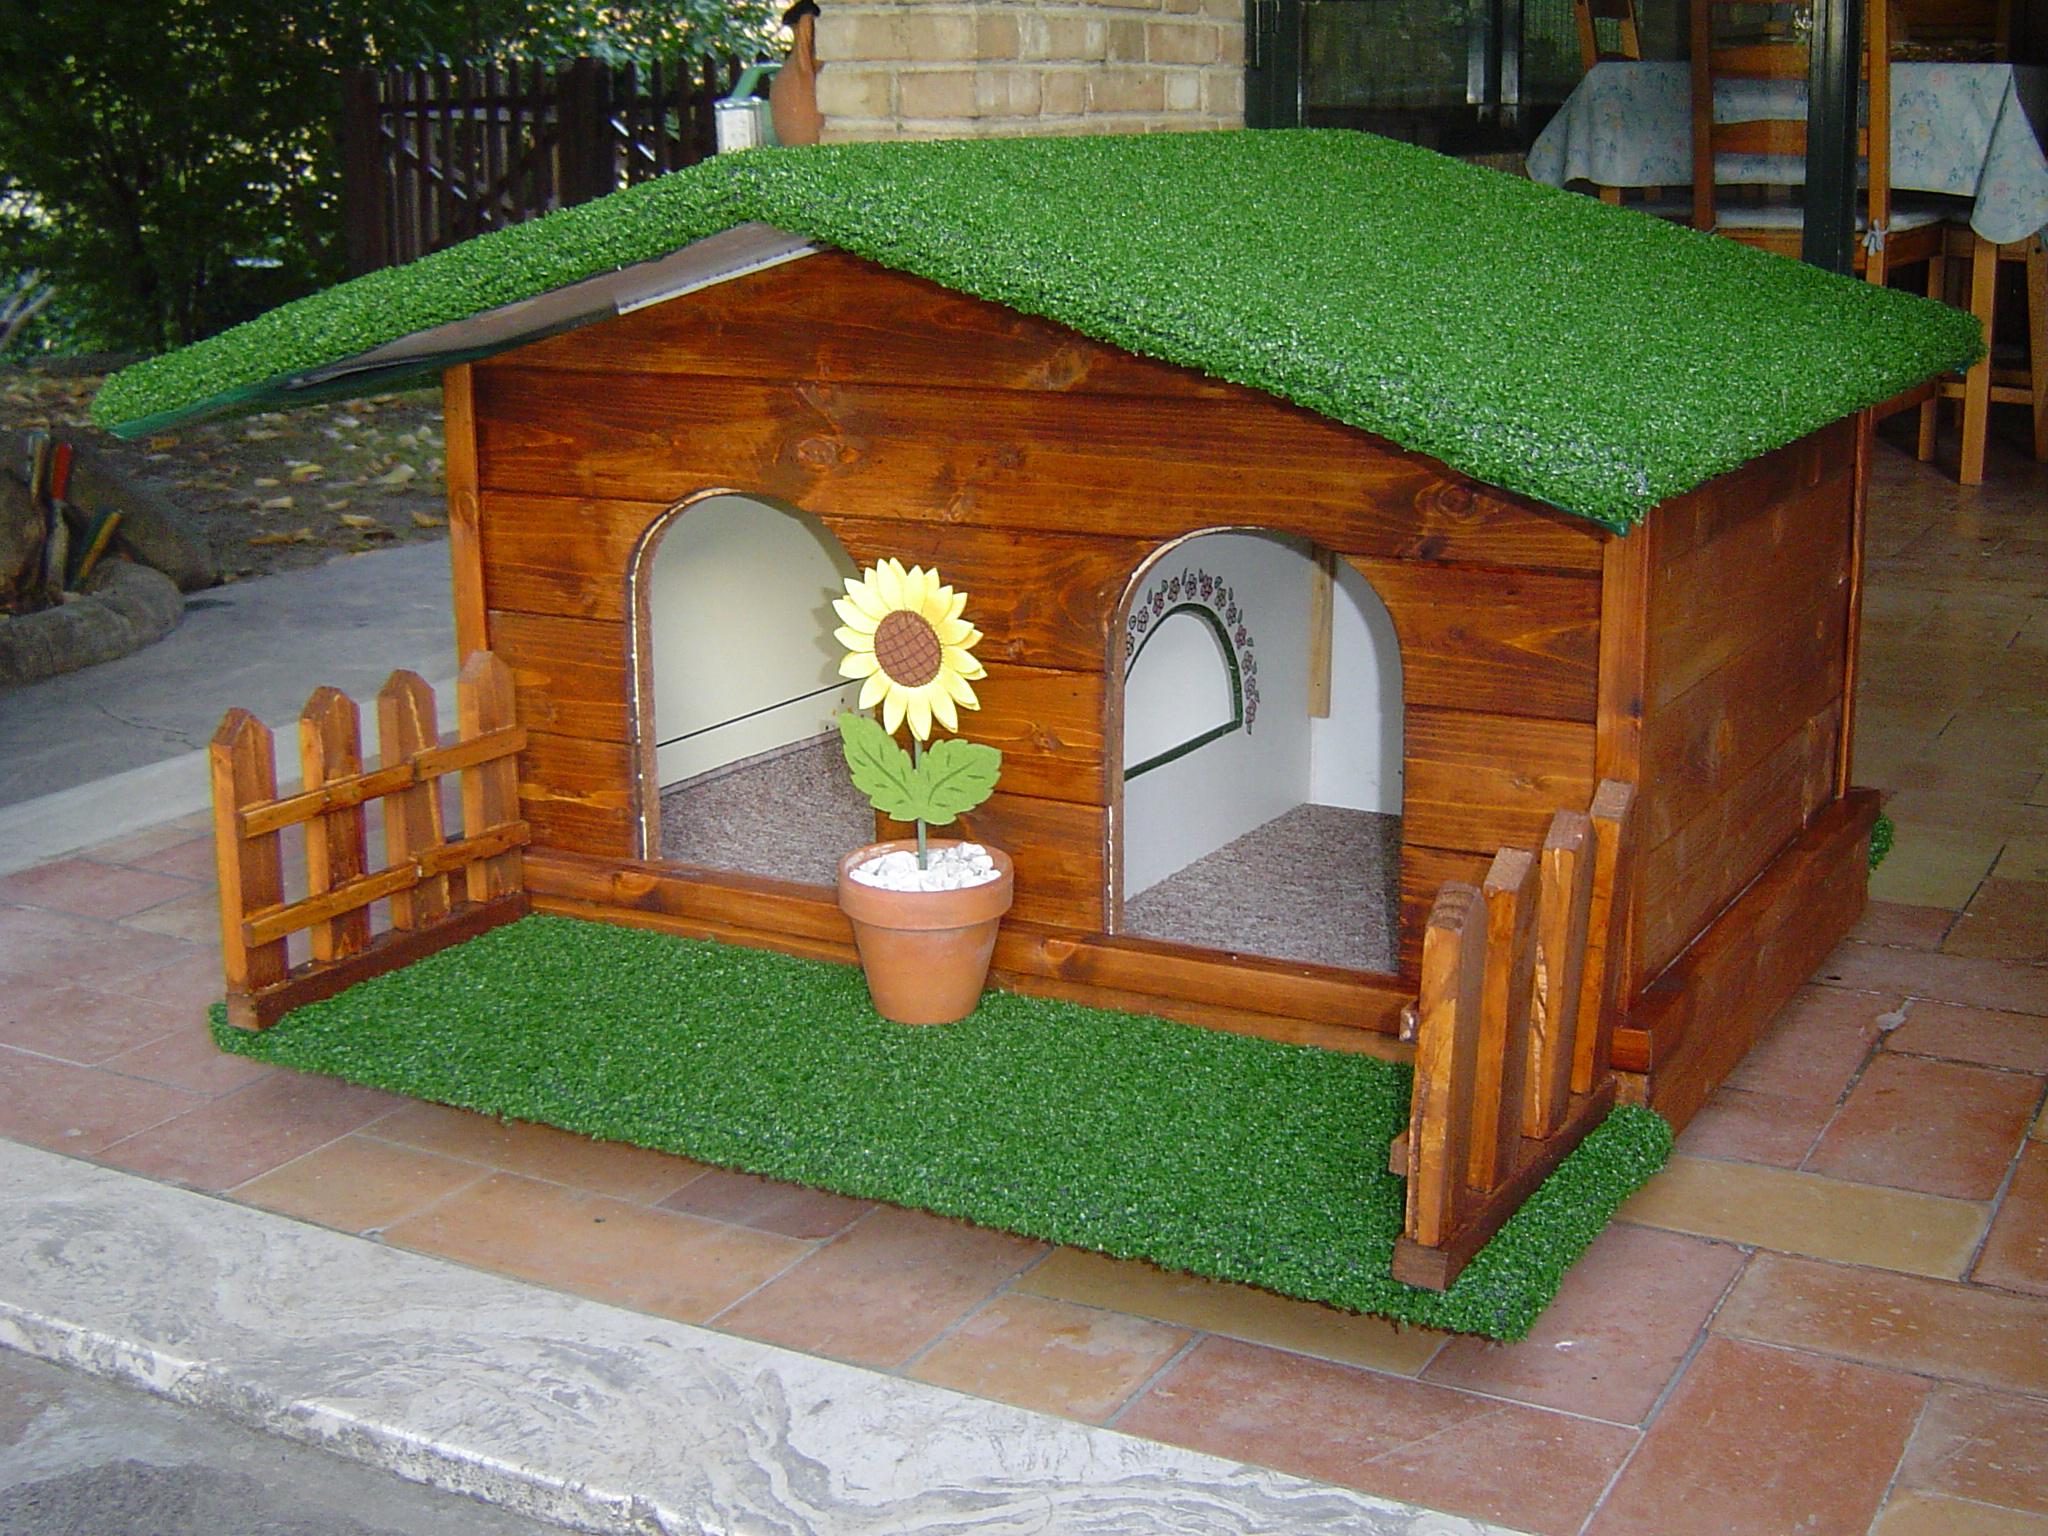 Cuccie per cani tutte le offerte cascare a fagiolo - Cuccia per gatti ikea ...